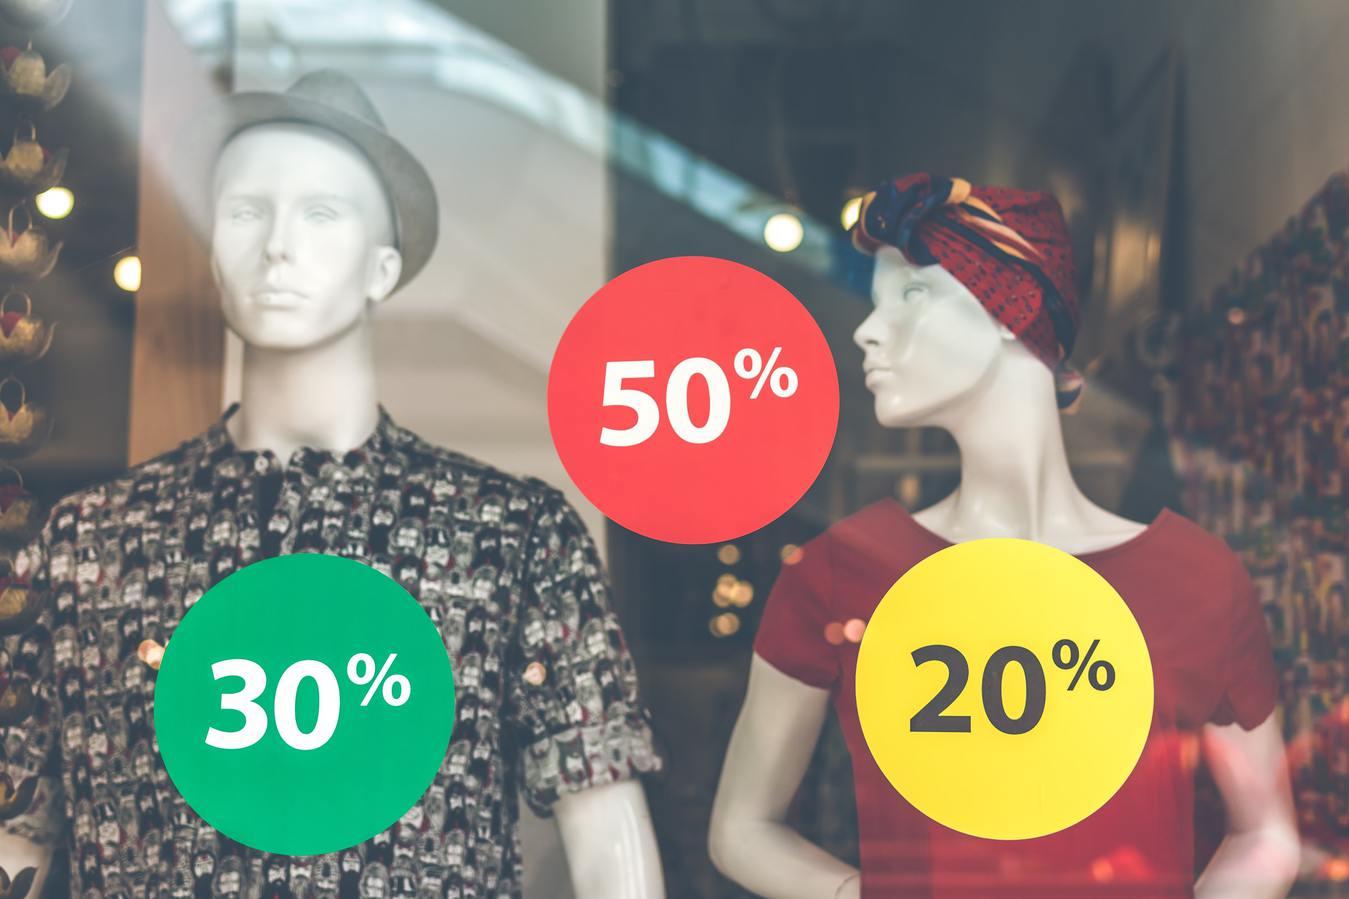 cách mở cửa hàng online giảm giá được gắn trước ma-nơ-canh